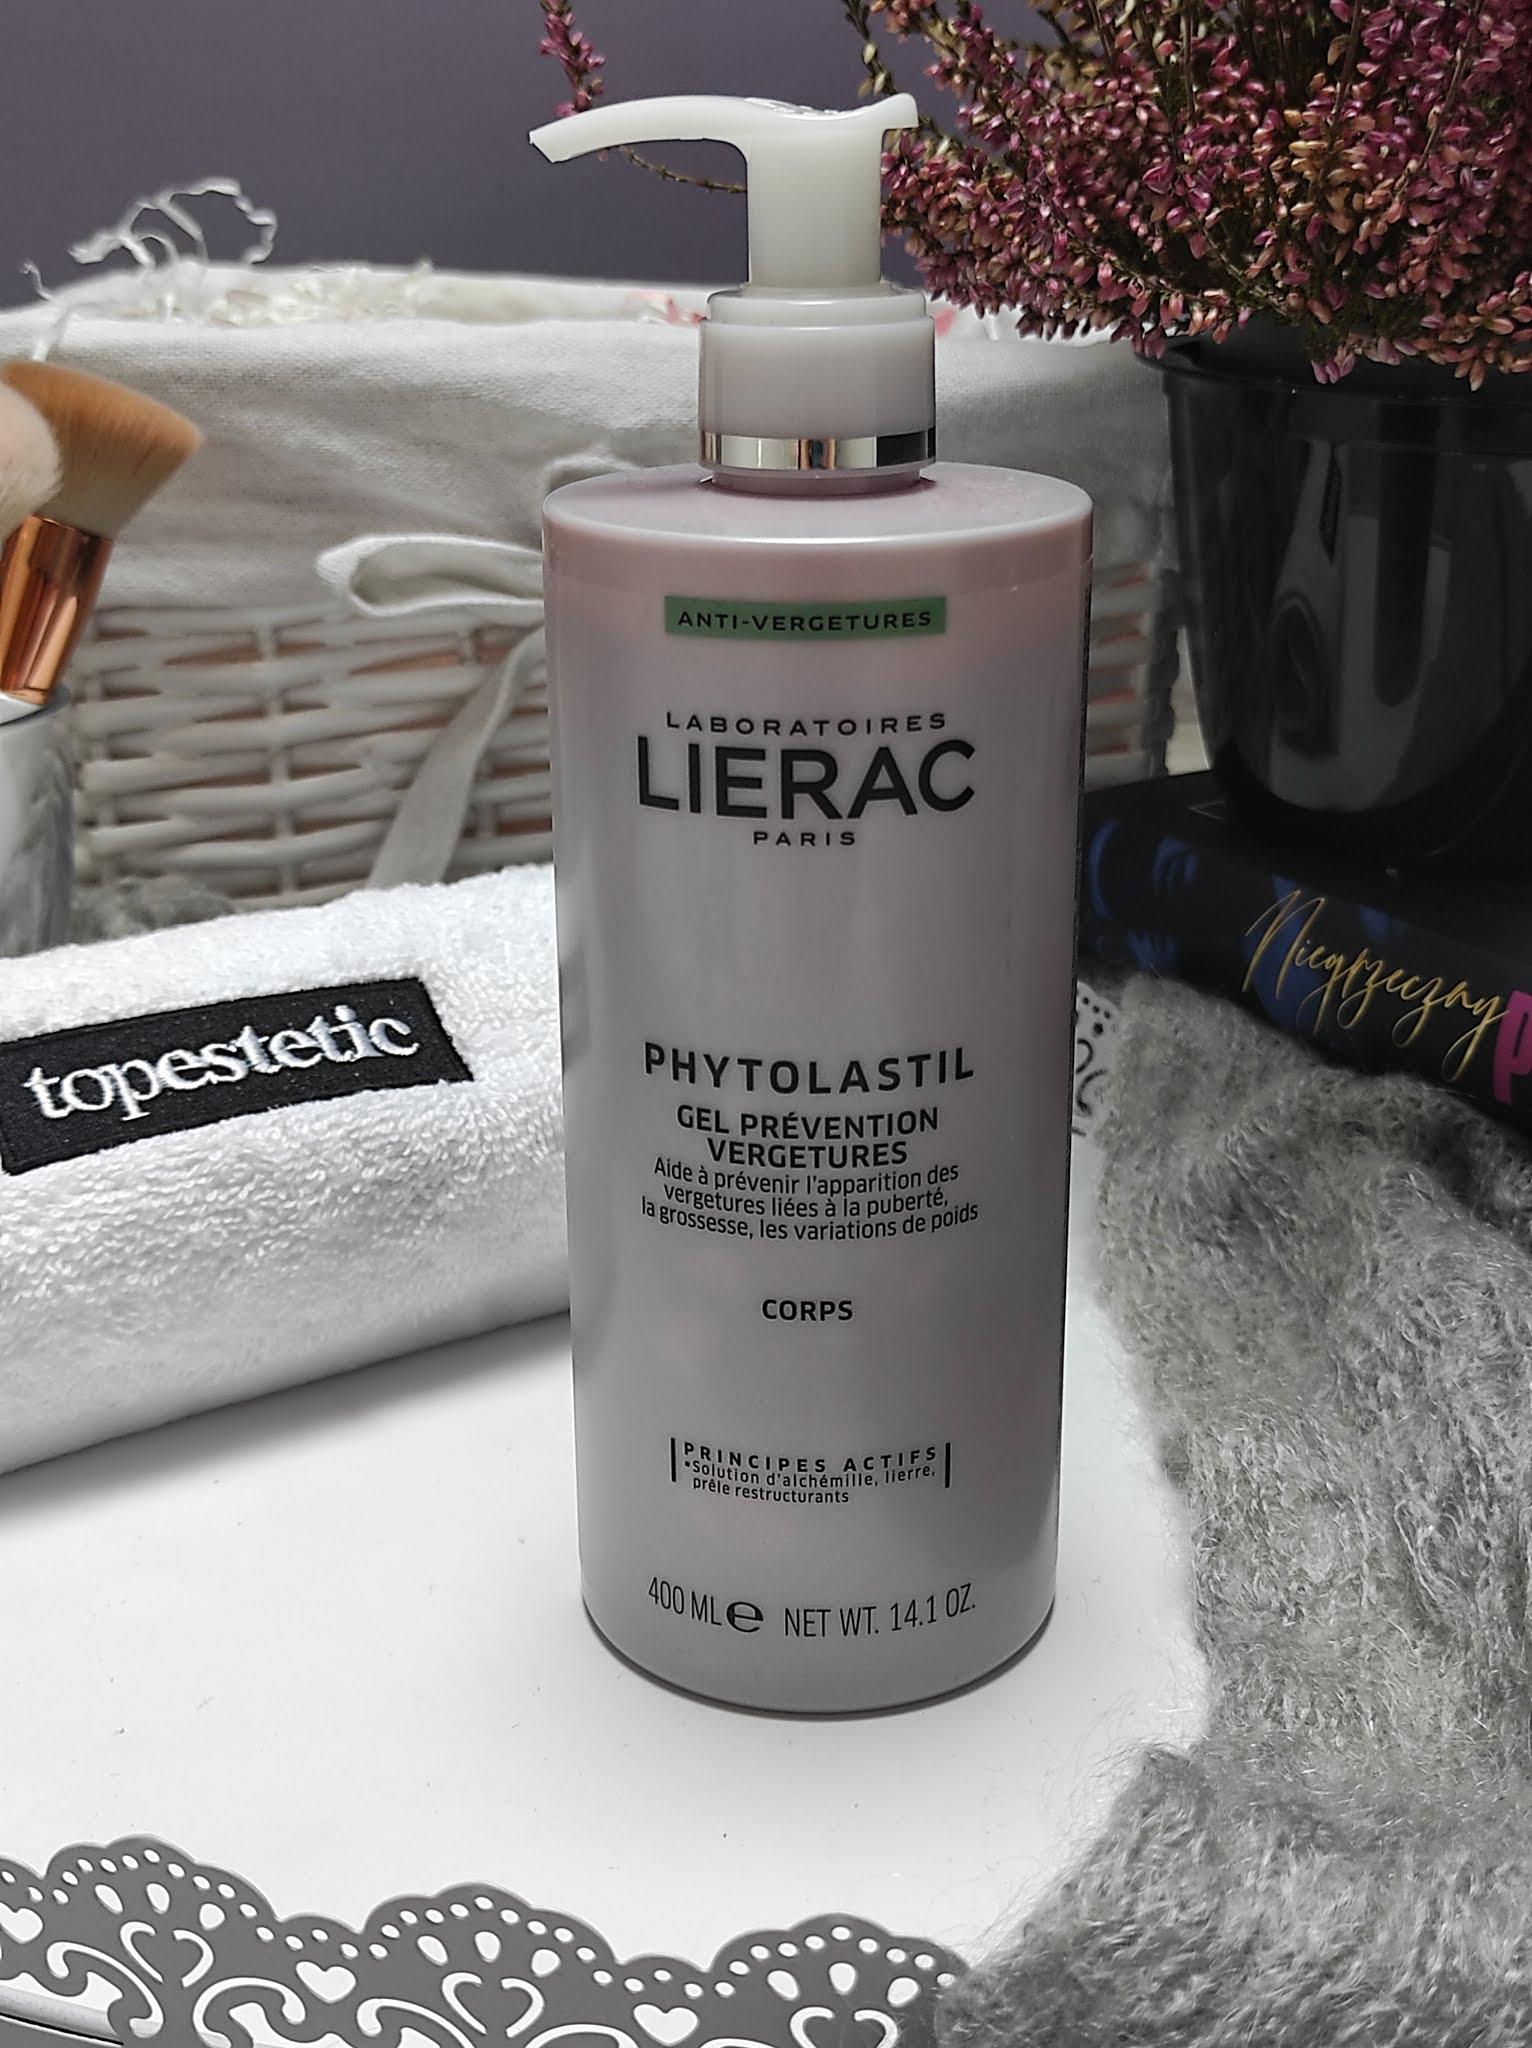 Żel zapobiegający rozstępom Phytolastil od marki Lierac